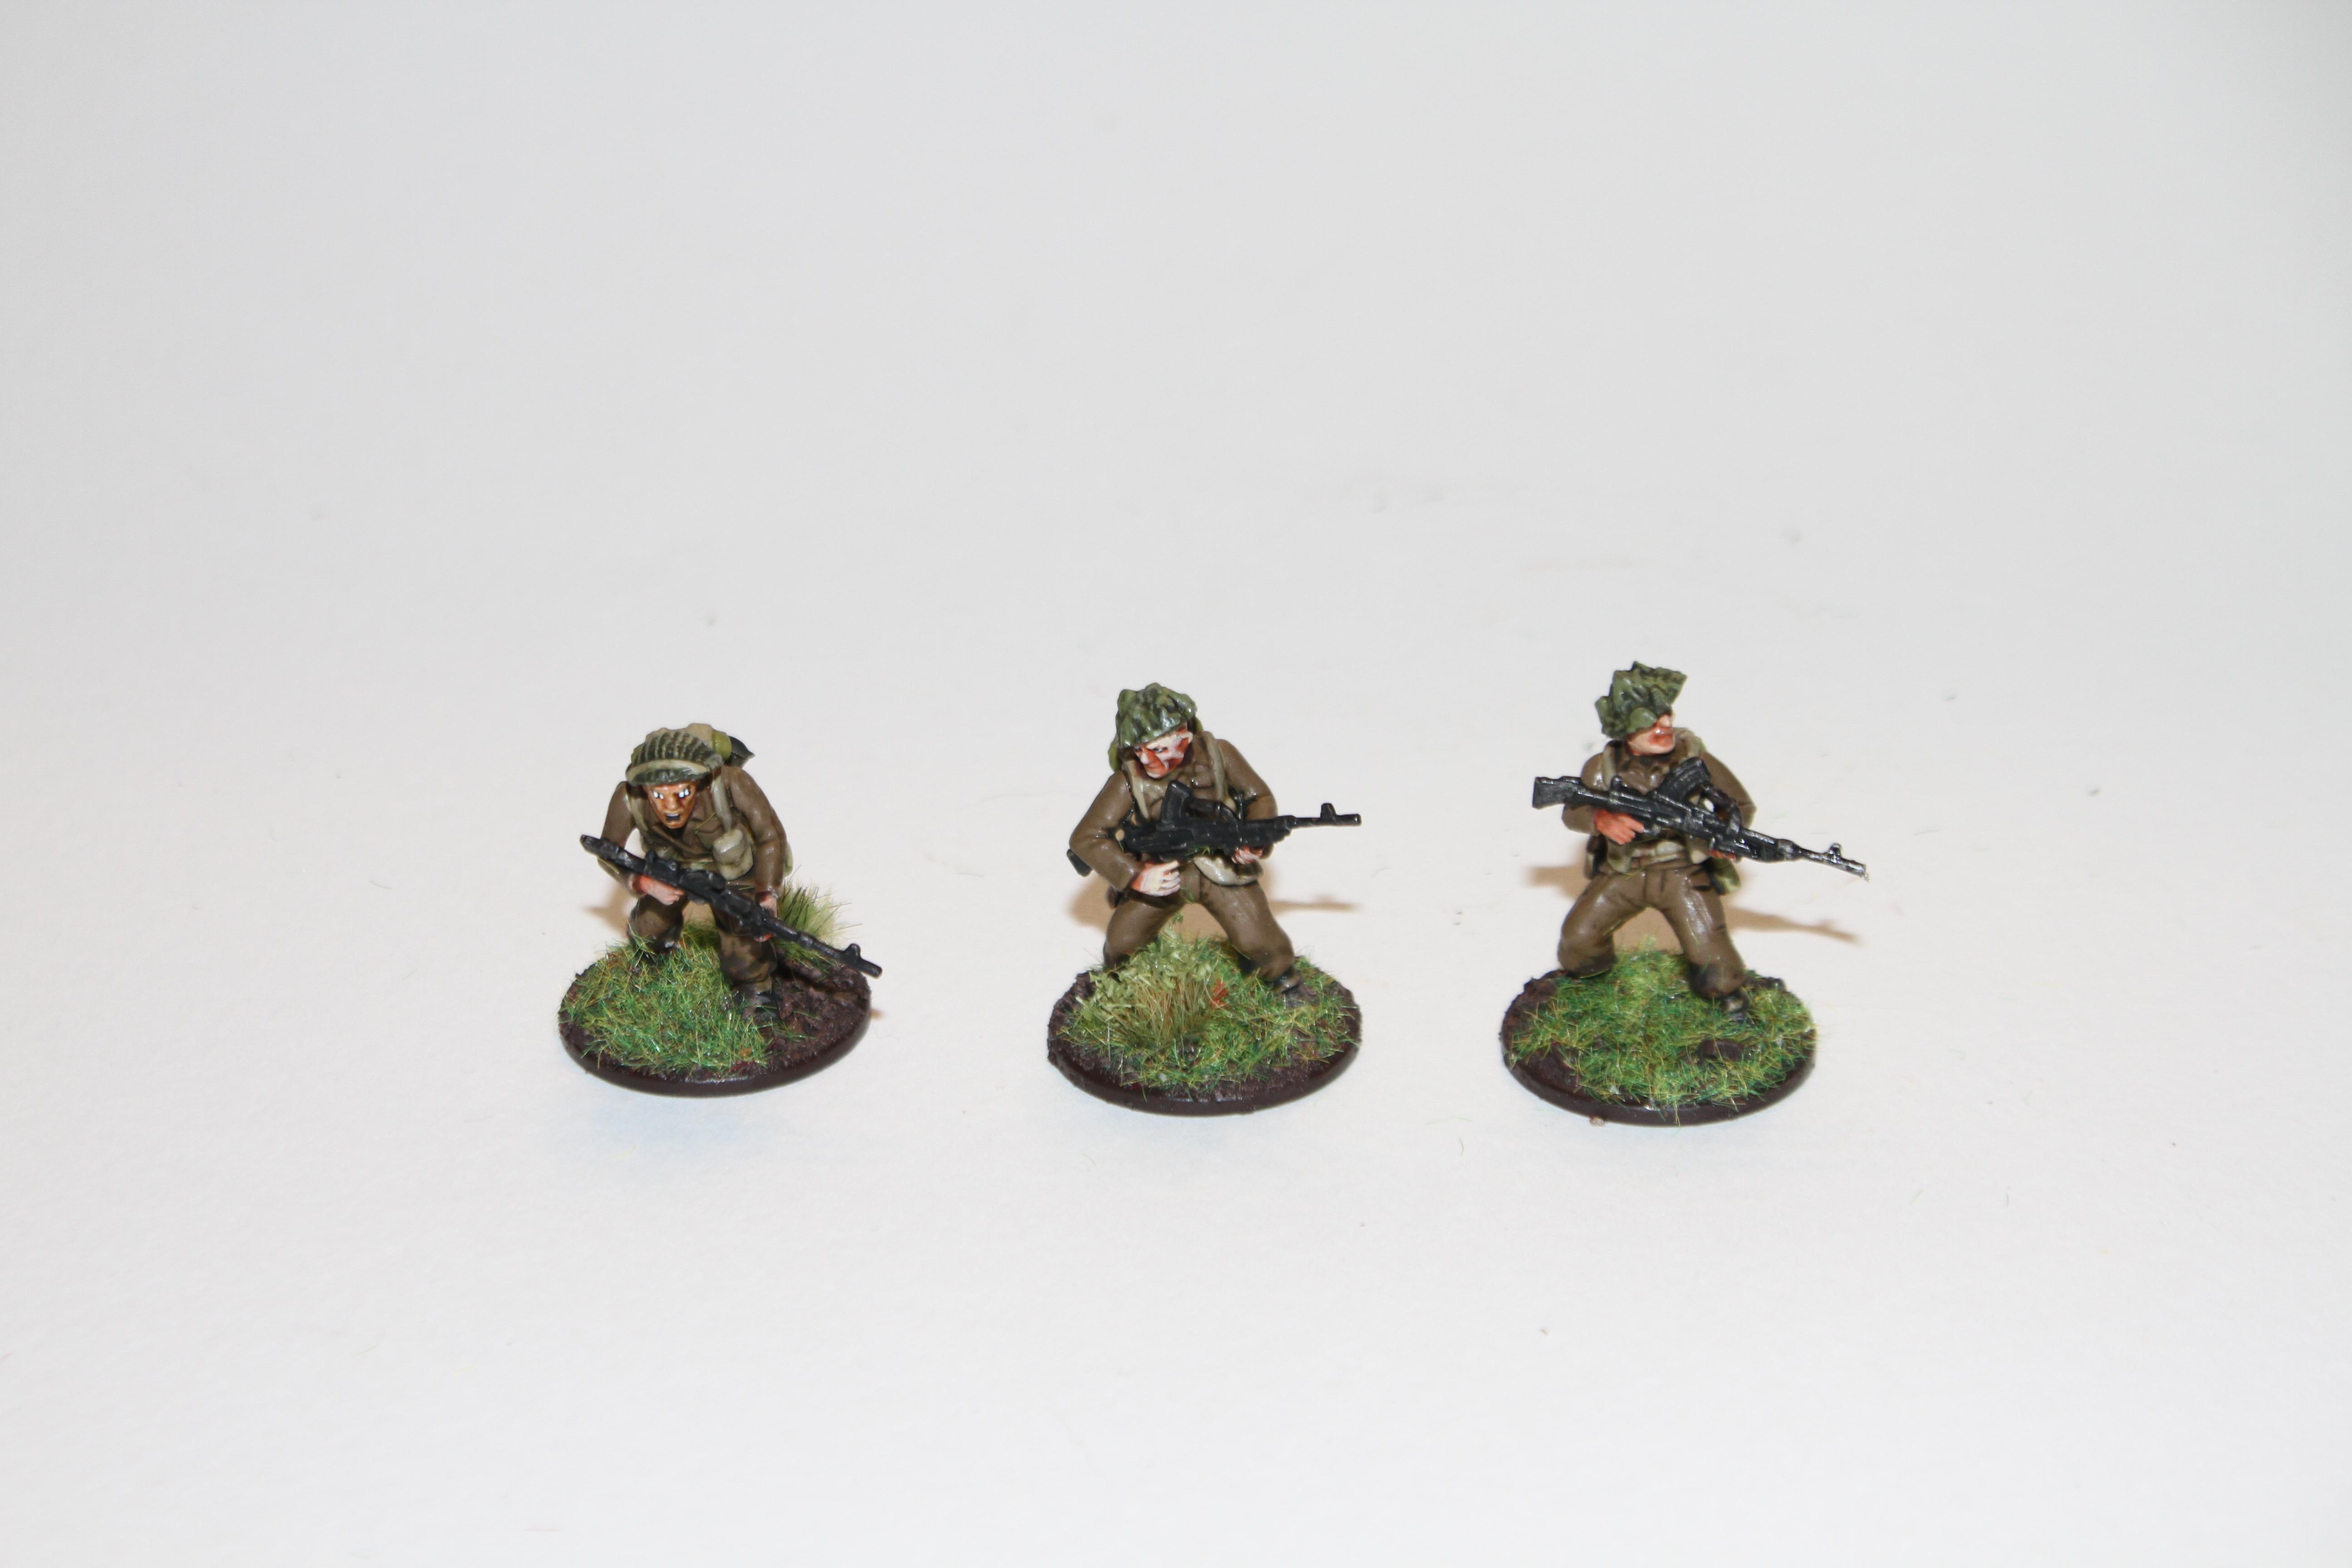 Bolt Action, British, Green, Historical, Machinegun, Warlord, World War 2